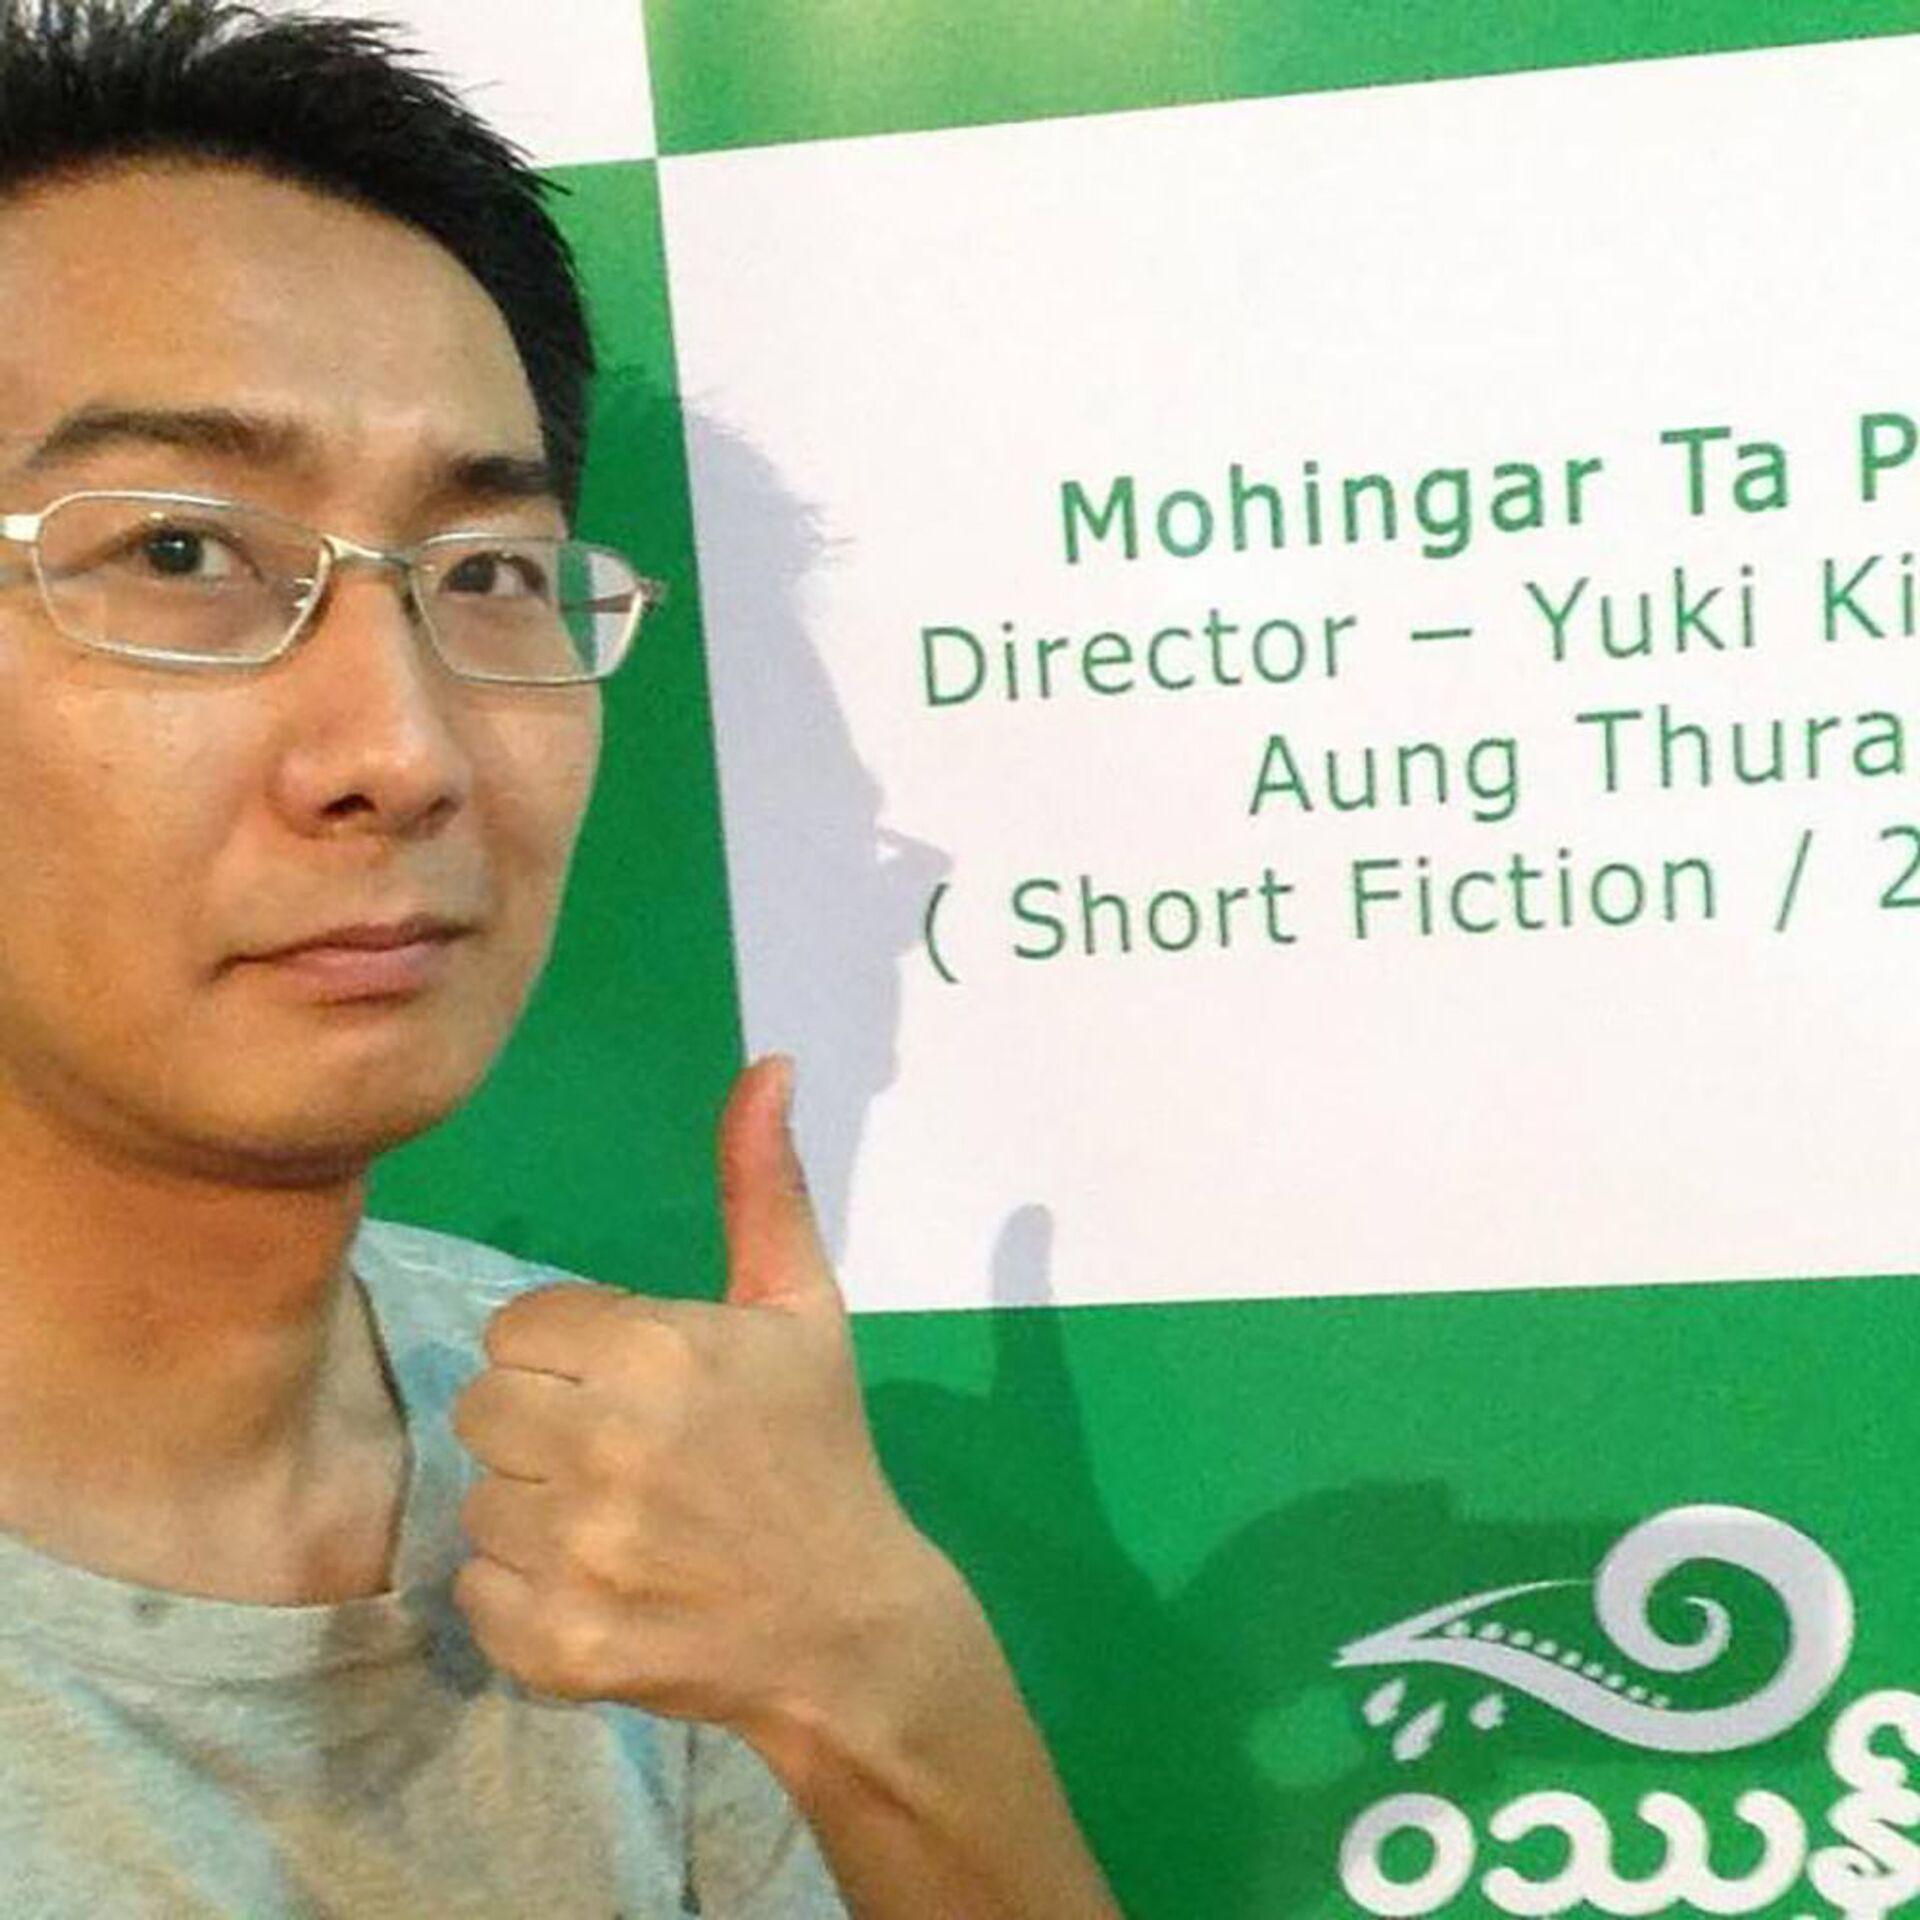 Chính quyền Myanmar quyết định trả tự do cho nhà báo Nhật Bản bị giam giữ - Sputnik Việt Nam, 1920, 13.05.2021